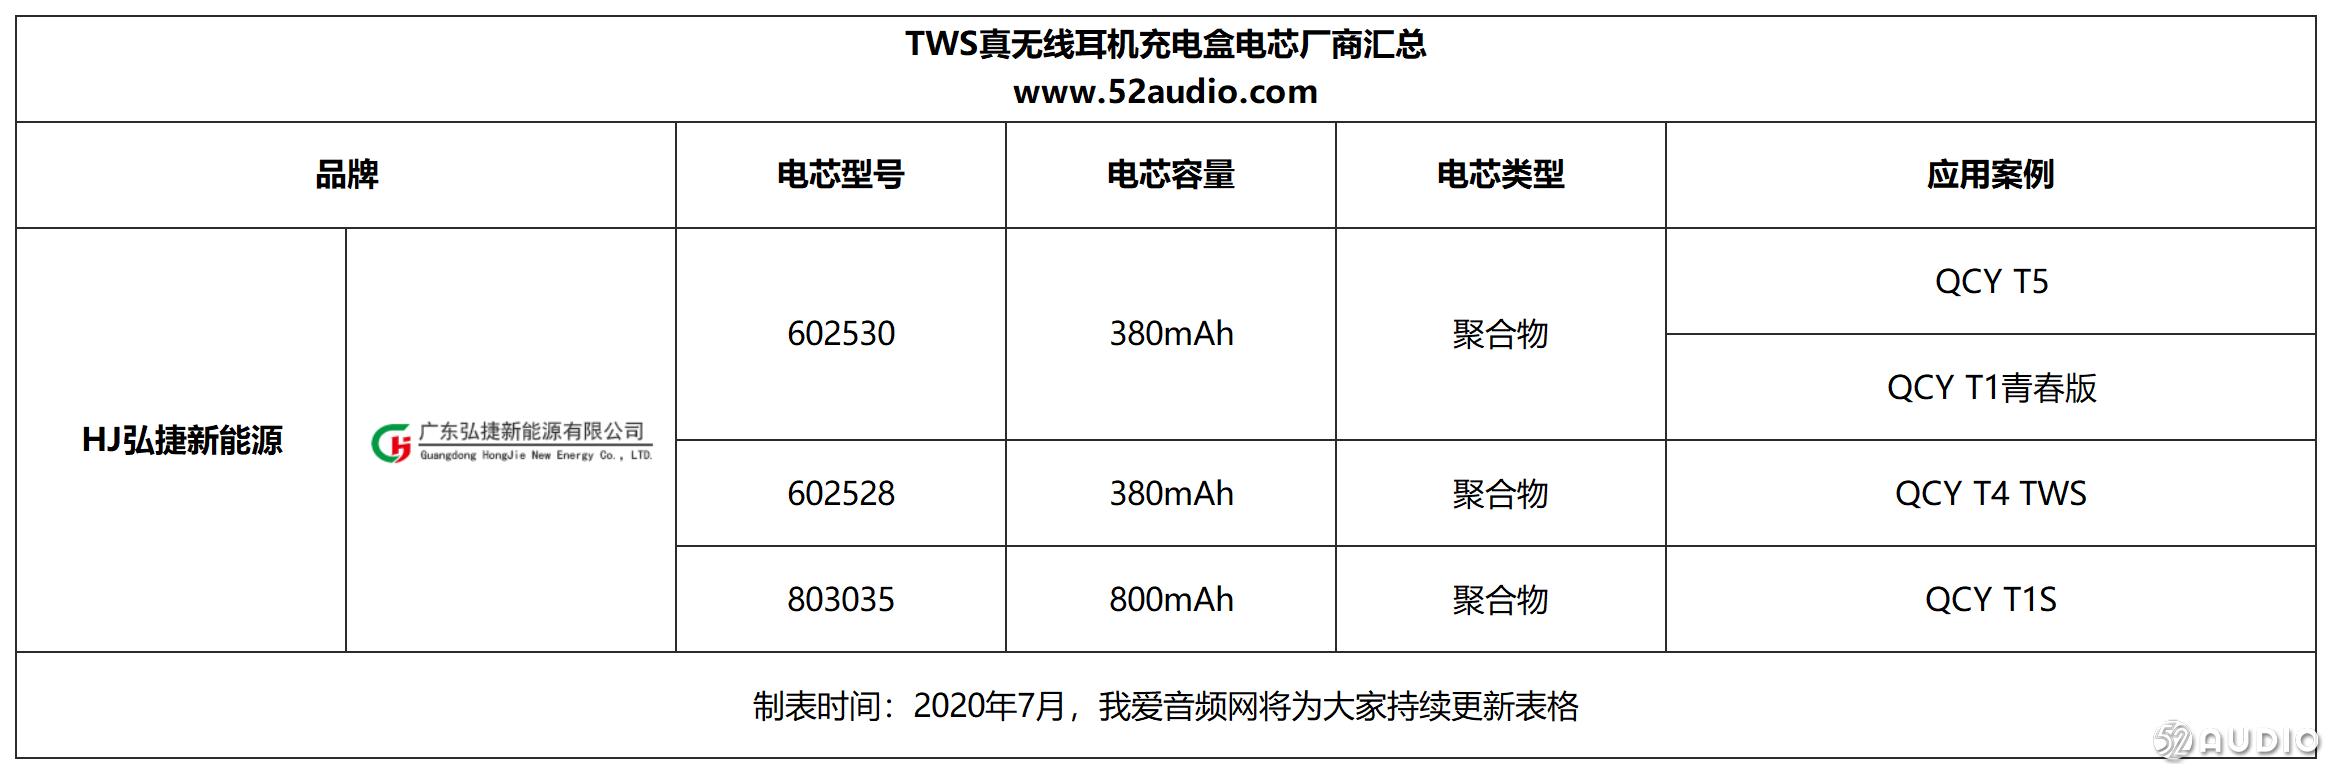 iPhone 12不标配耳机,31个厂商119款TWS耳机充电盒电池获益-我爱音频网